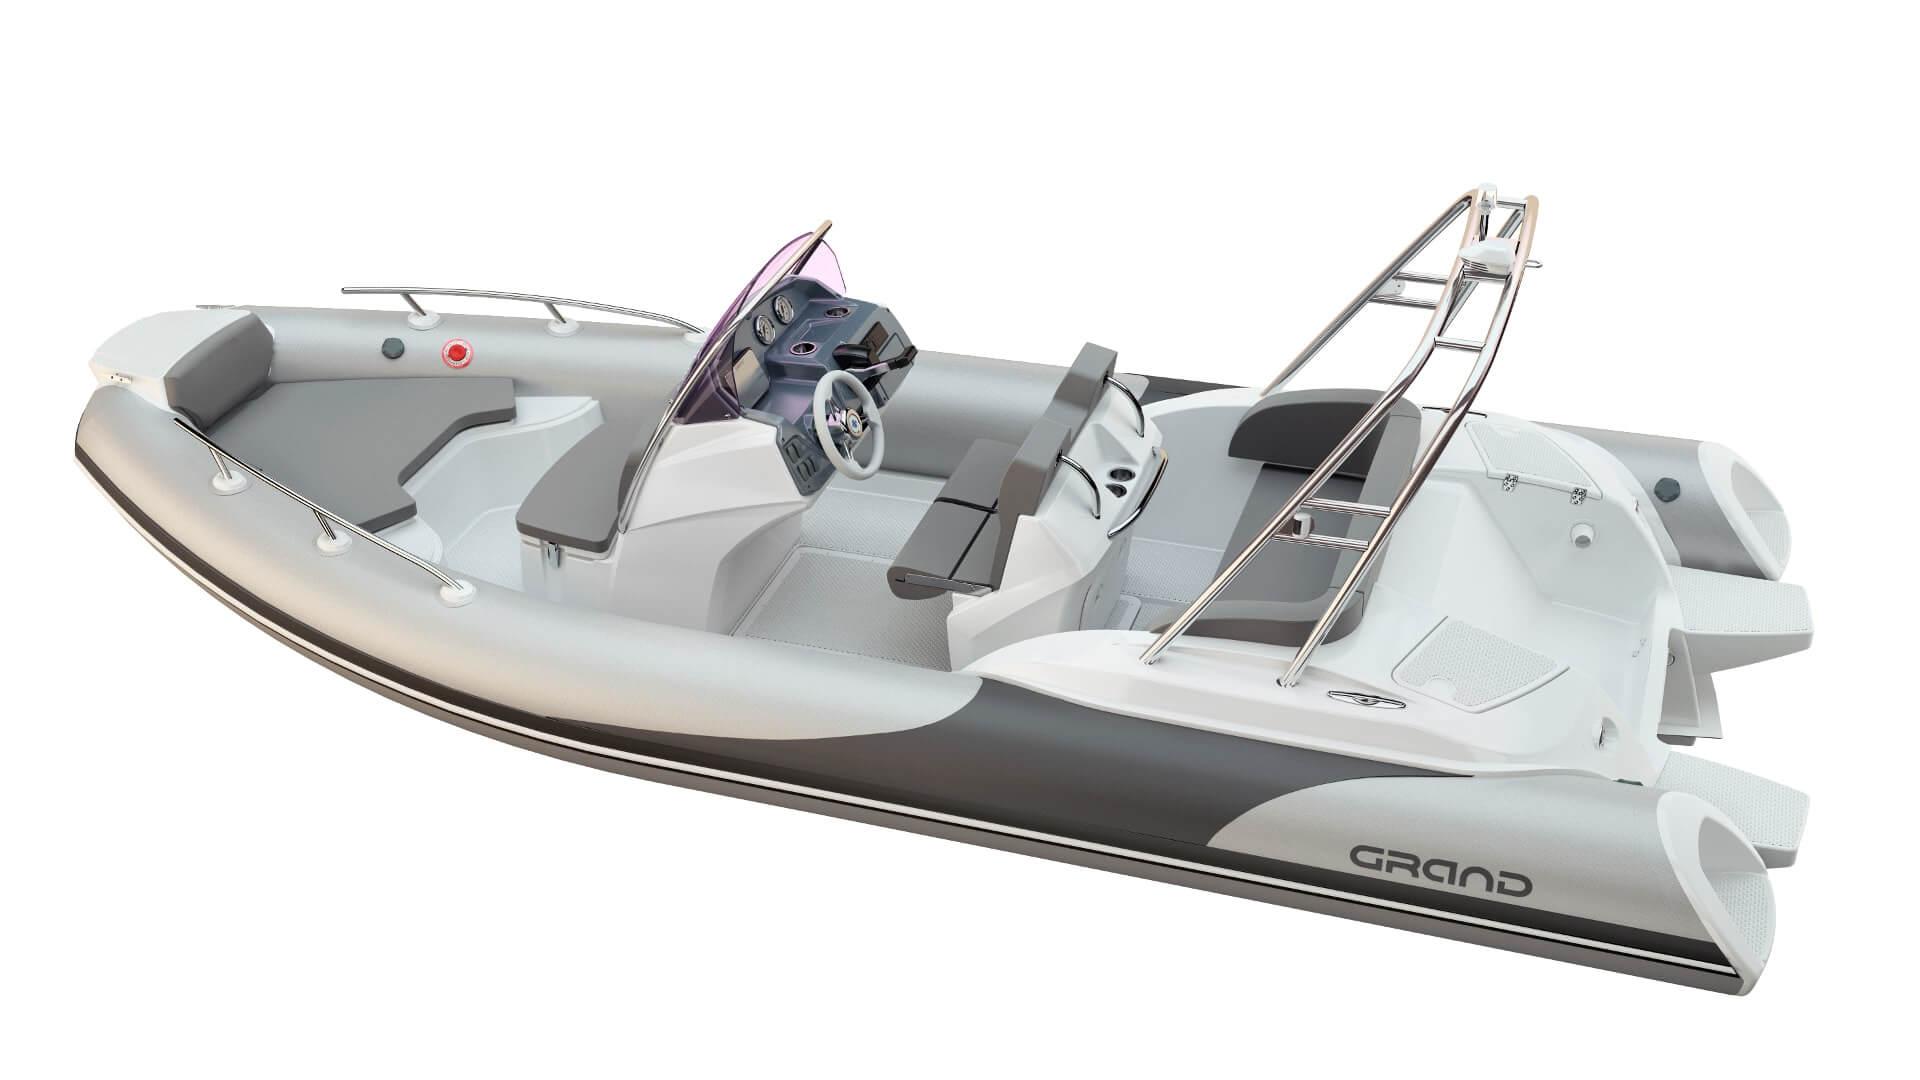 Надувная лодка GRAND Golden Line G580, GRAND Golden Line G580, GRAND G580,  Надувная лодка GRAND Golden Line G580LF,  GRAND Golden Line G580LF,  GRAND G580LF, Надувная лодка GRAND, Надувная лодка с жестким дном,  Rigid Inflatable Boats, RIB